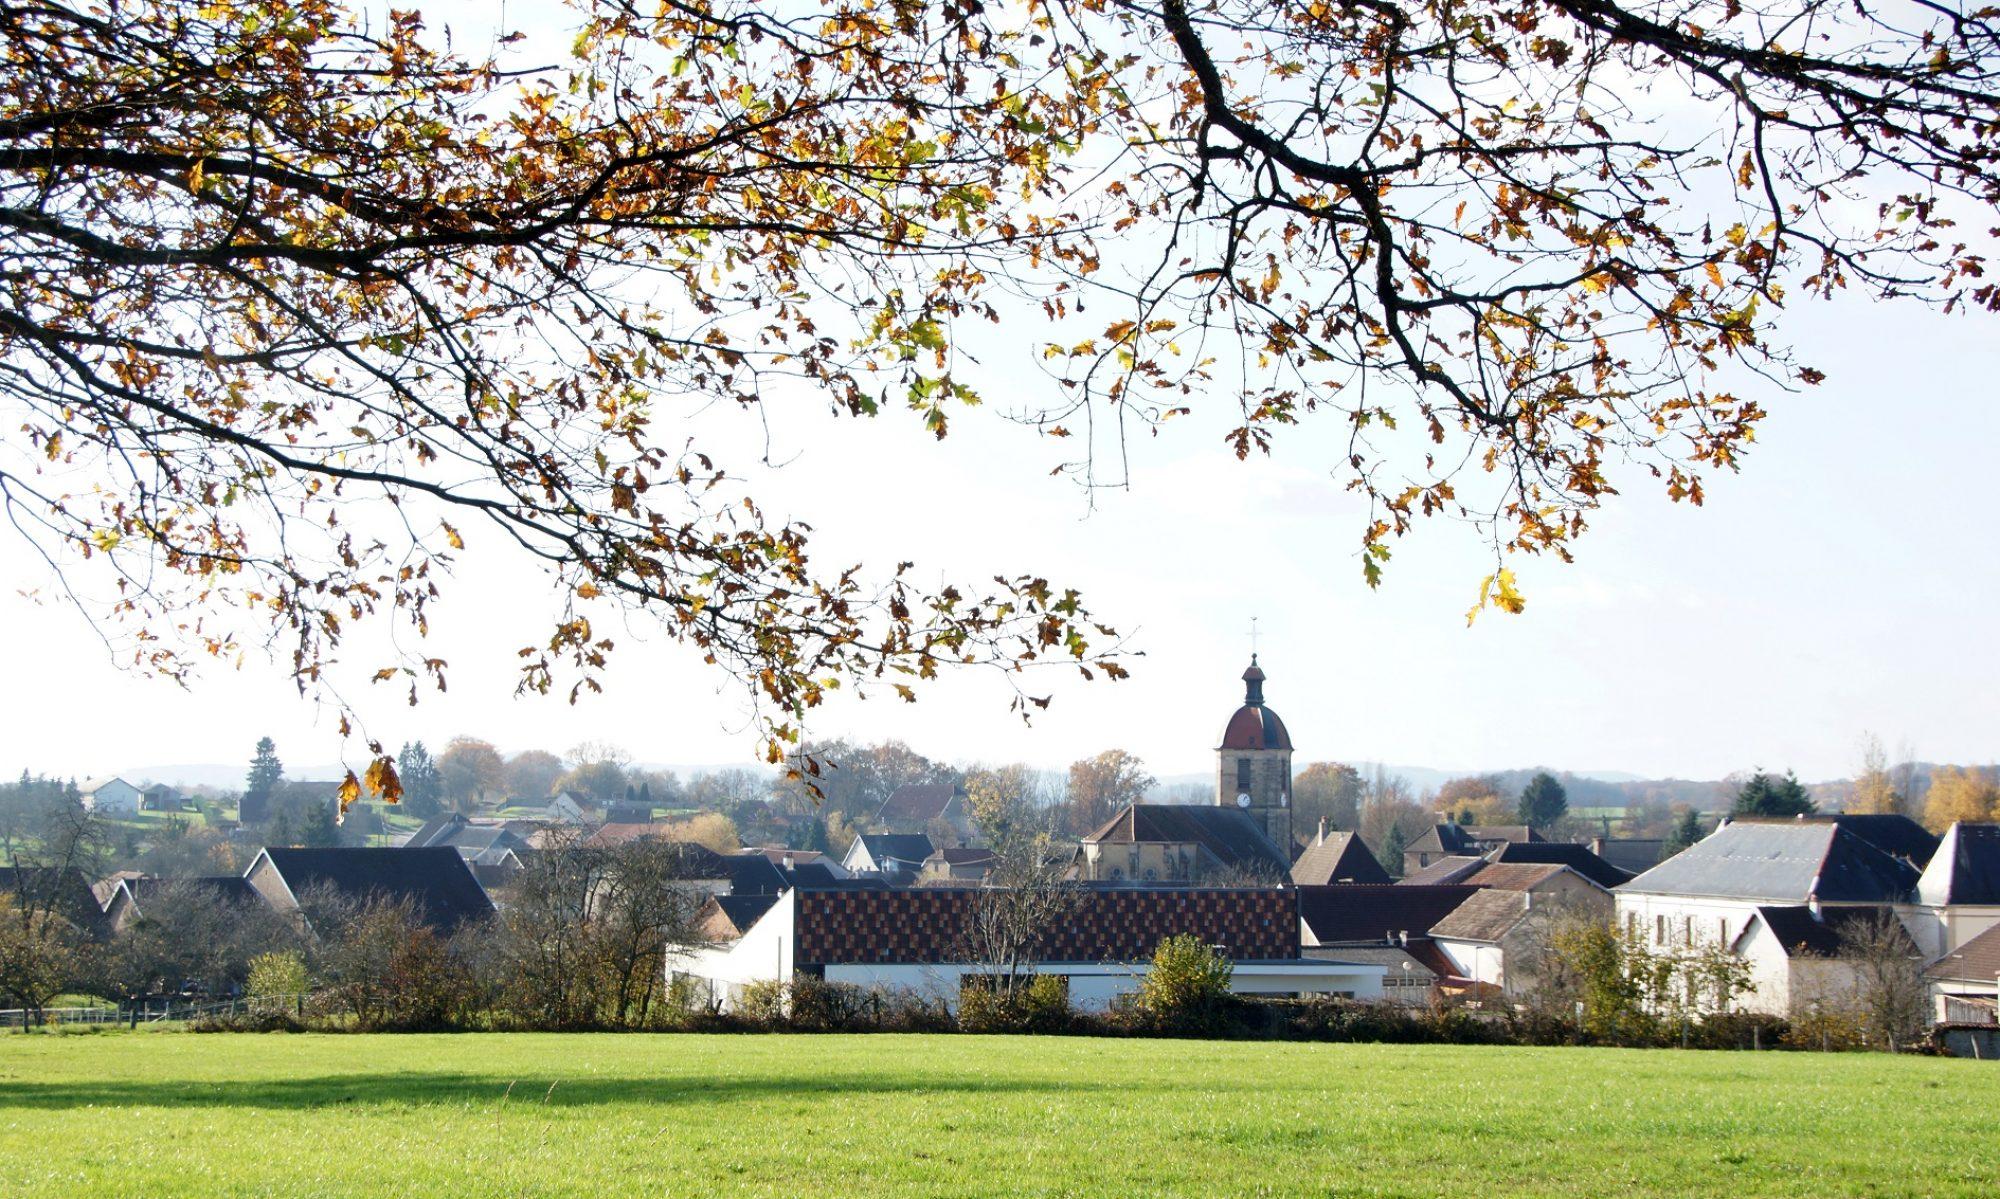 Vy-lès-Lure